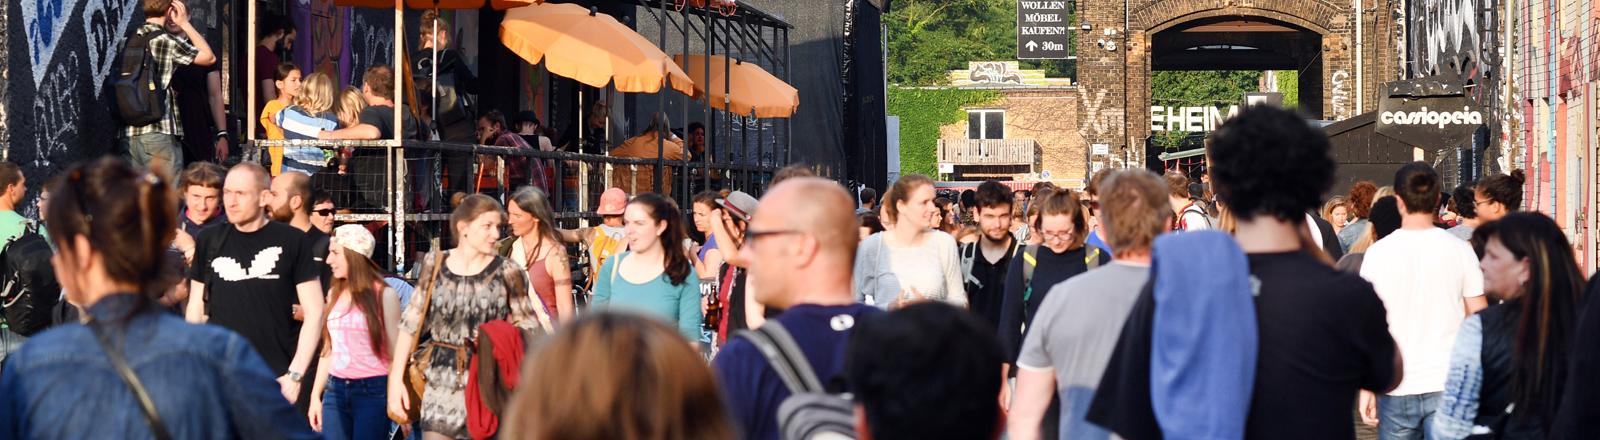 Zahlreiche Menschen sind am 21.06.2016 in Berlin auf dem RAW-Gelände in der Revaler Straße in Friedrichshain an der Warschauer Straße unterwegs.